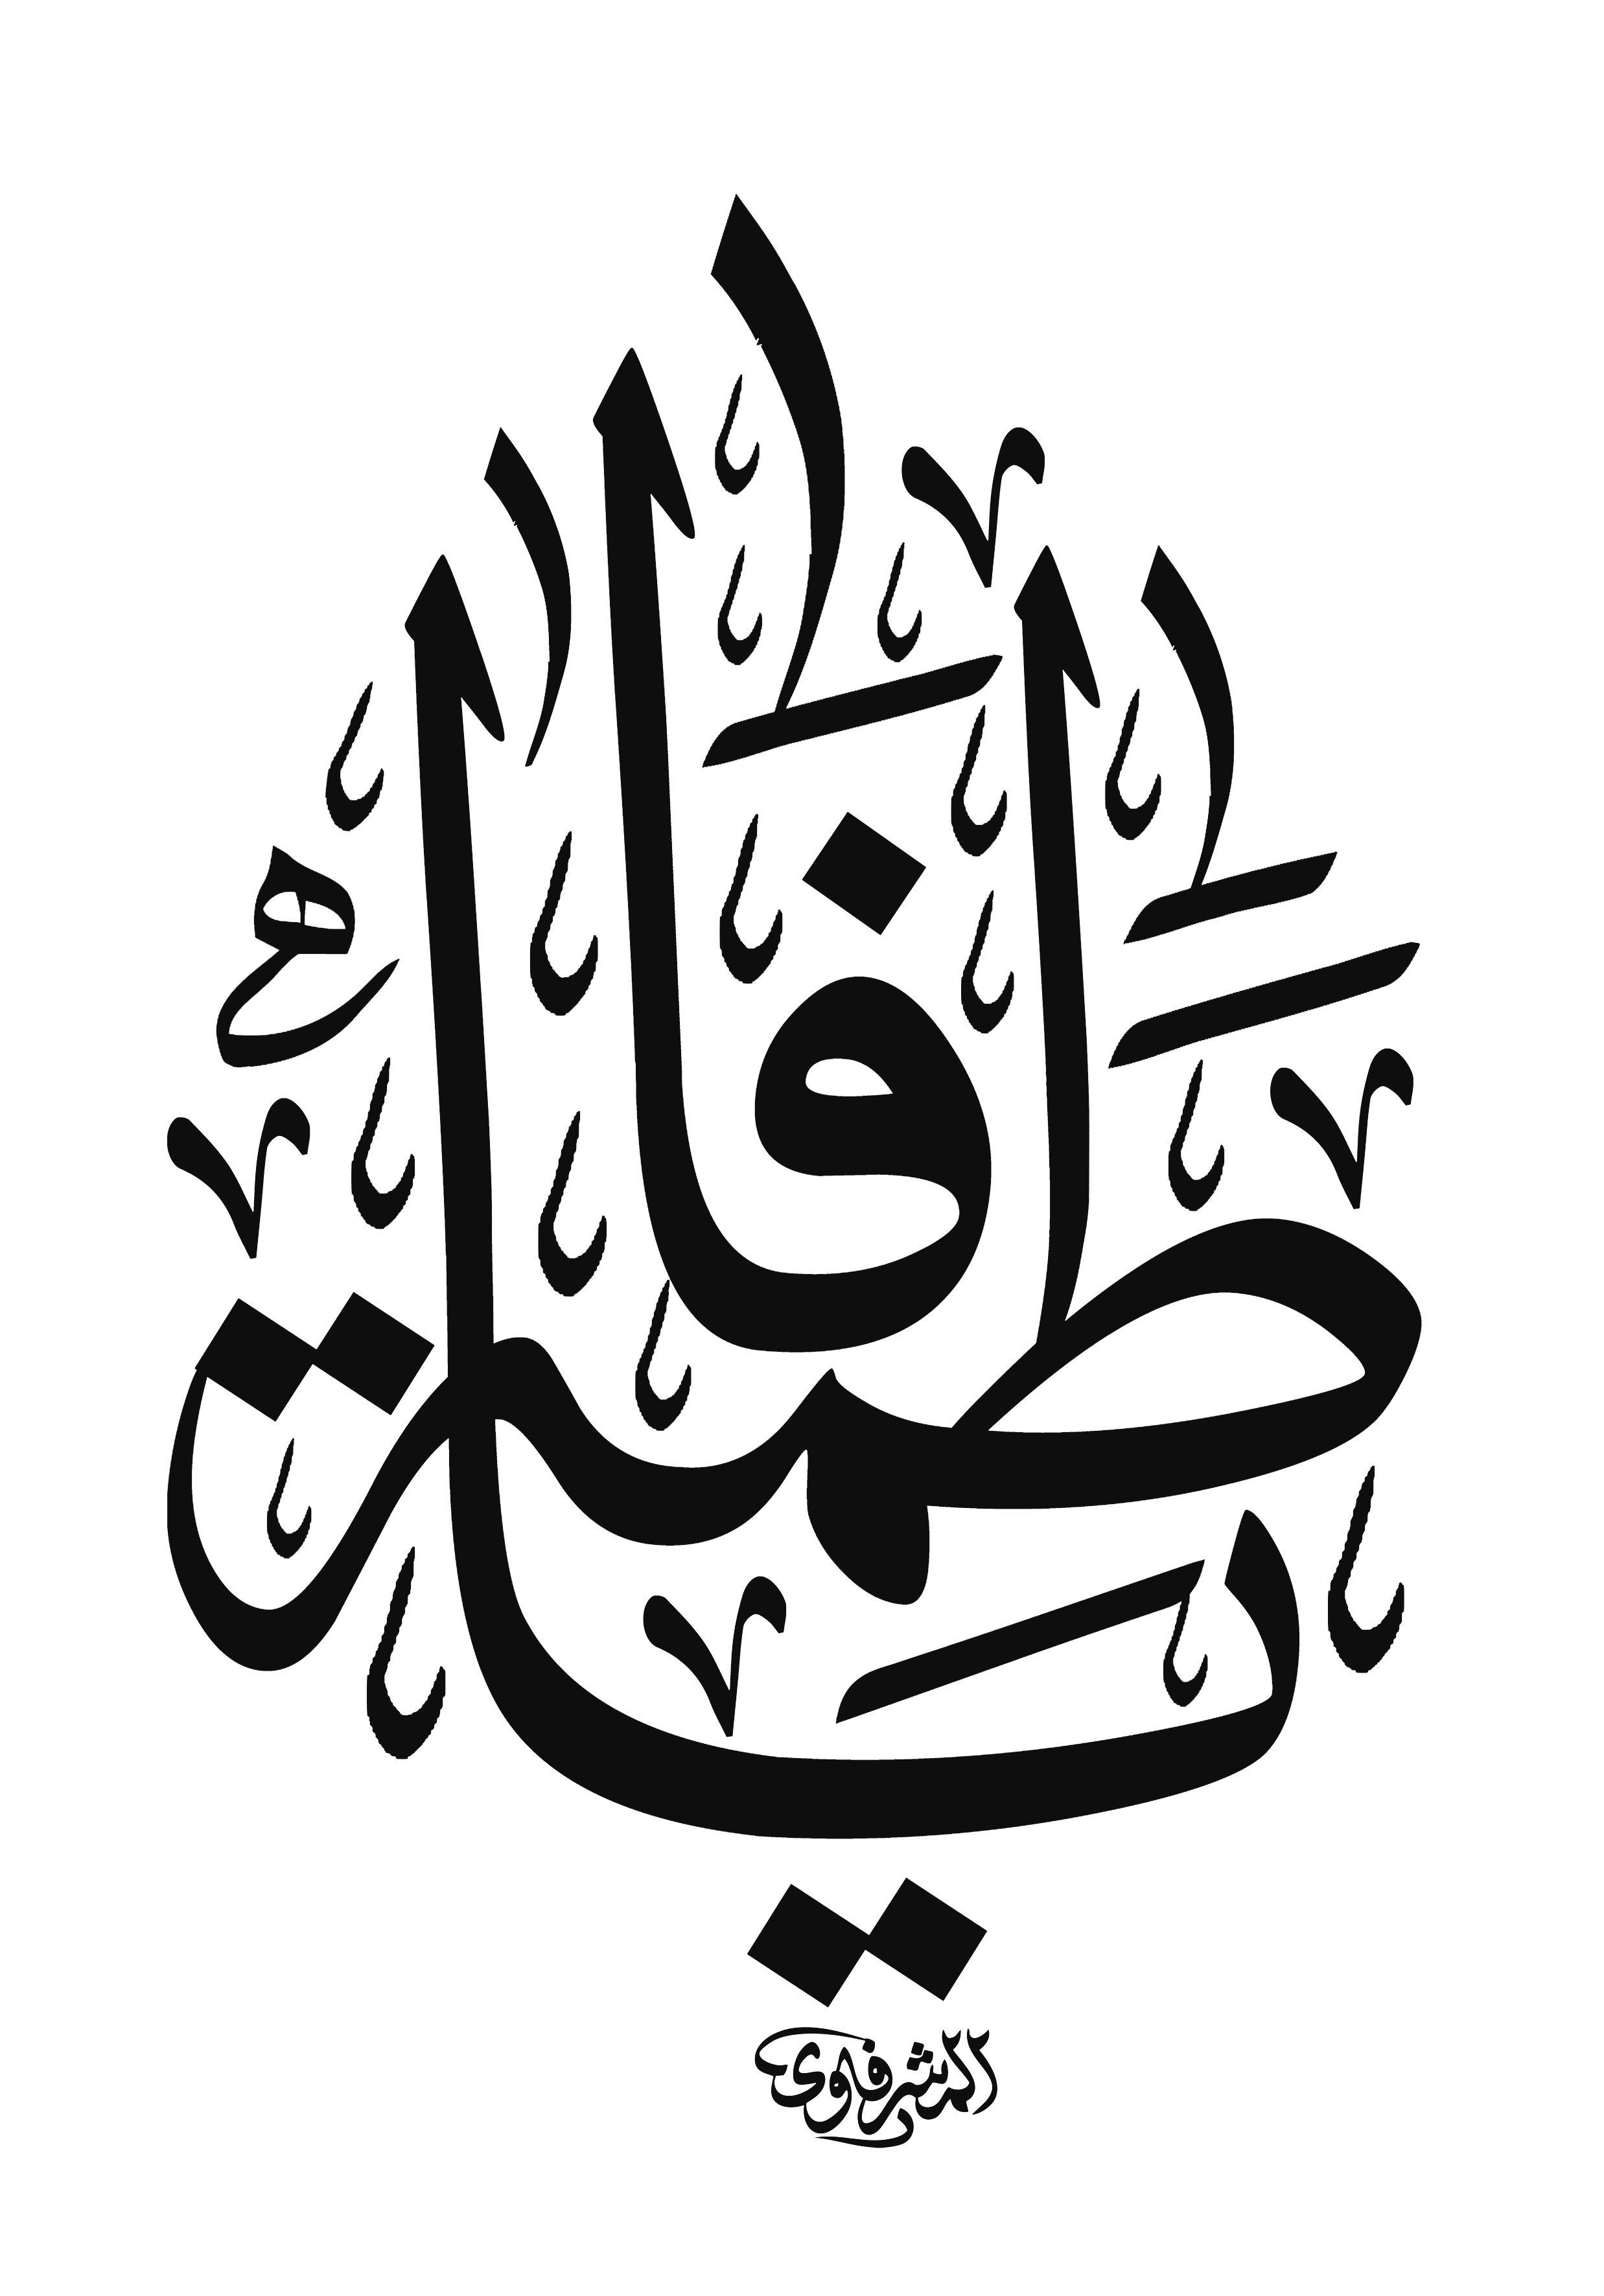 السيدة فاطمة الزهراء عليها السلام الخطاط محمد الحسني المشرفاوي Kaligrafi